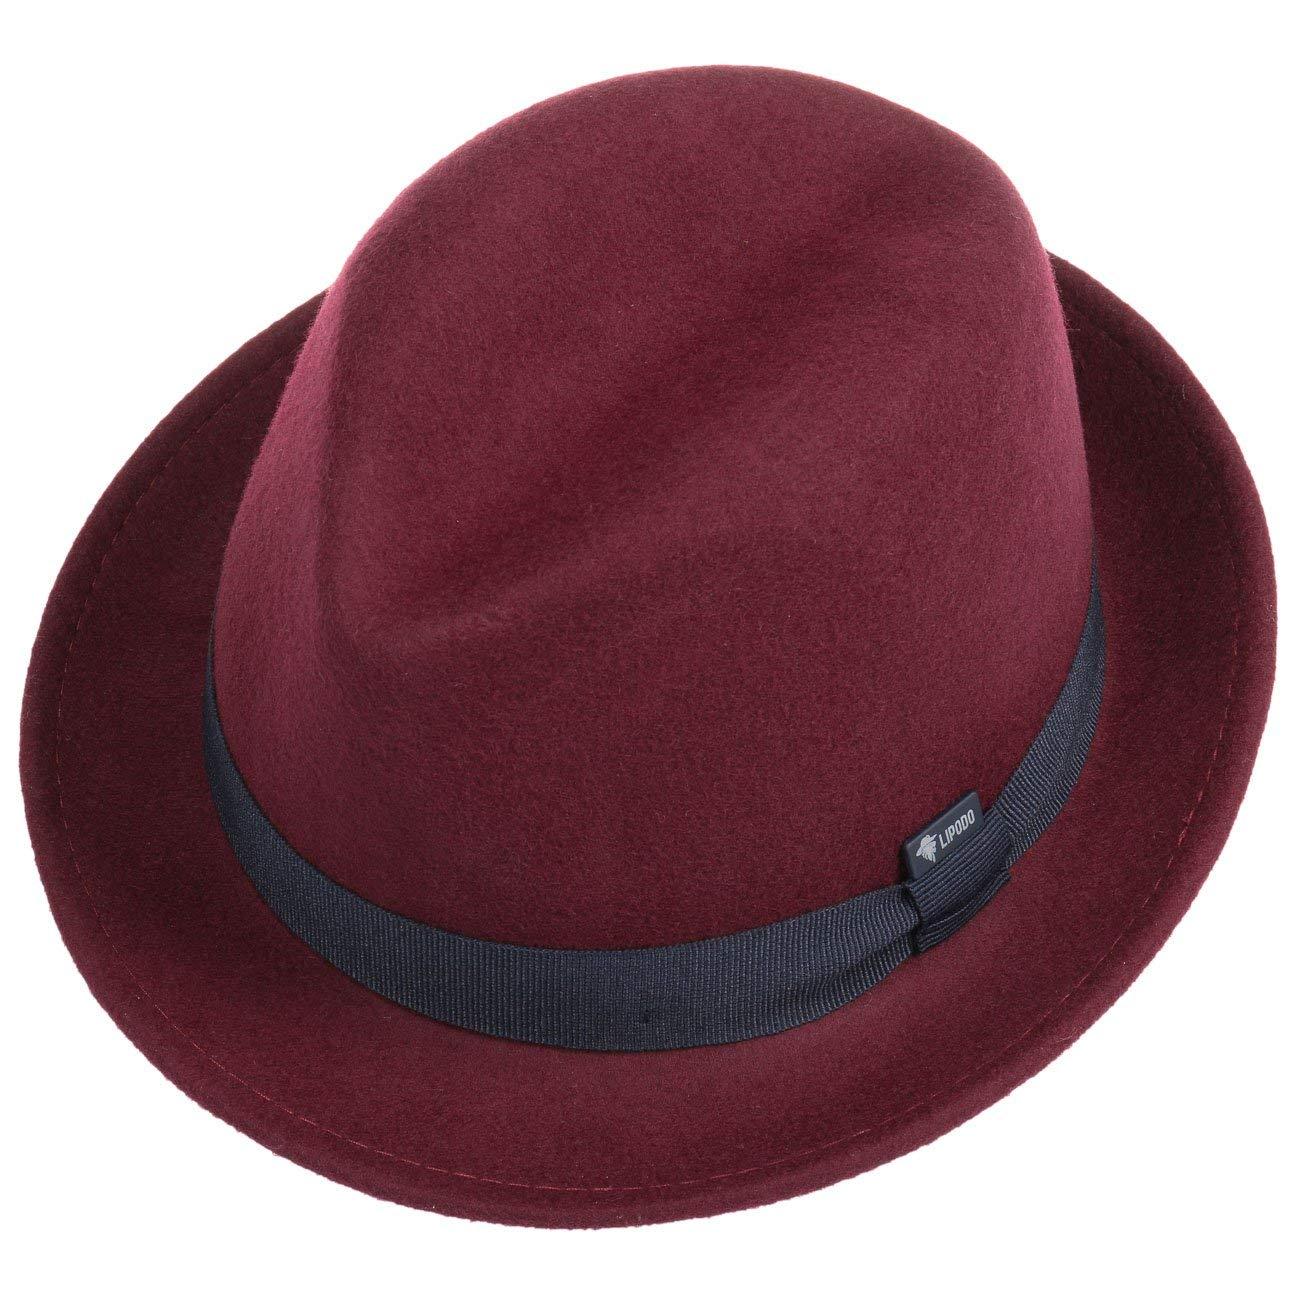 Leisial Cappello di paglia per bambini Cappello estivo Cappello da spiaggia  Cappello da sole Cappello del ... 10a5d0f389df